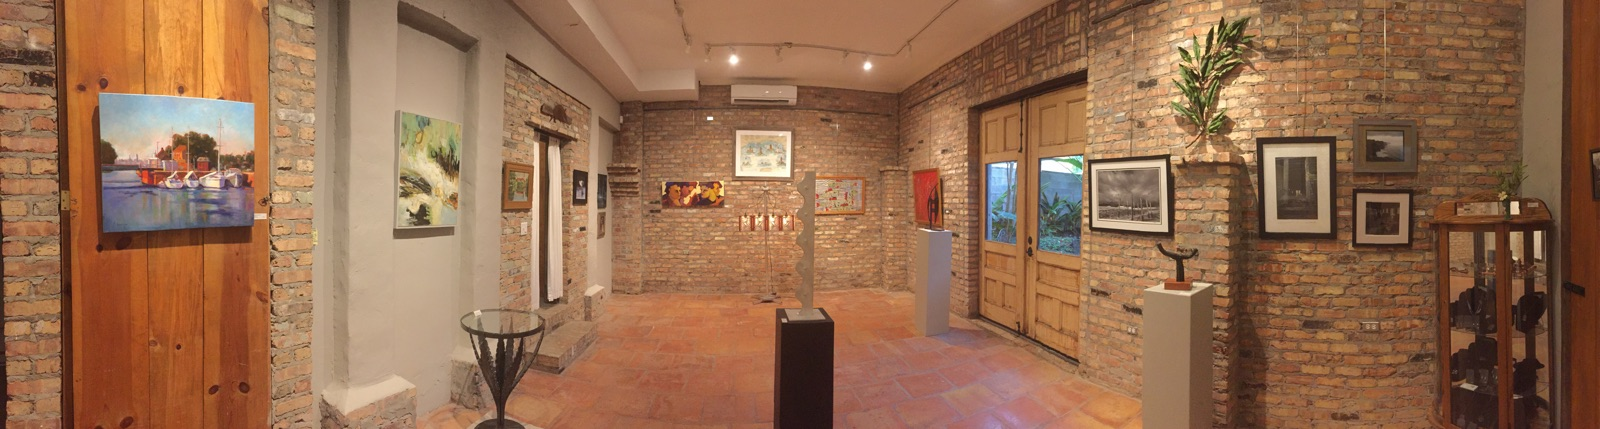 Member Gallery 01.jpg